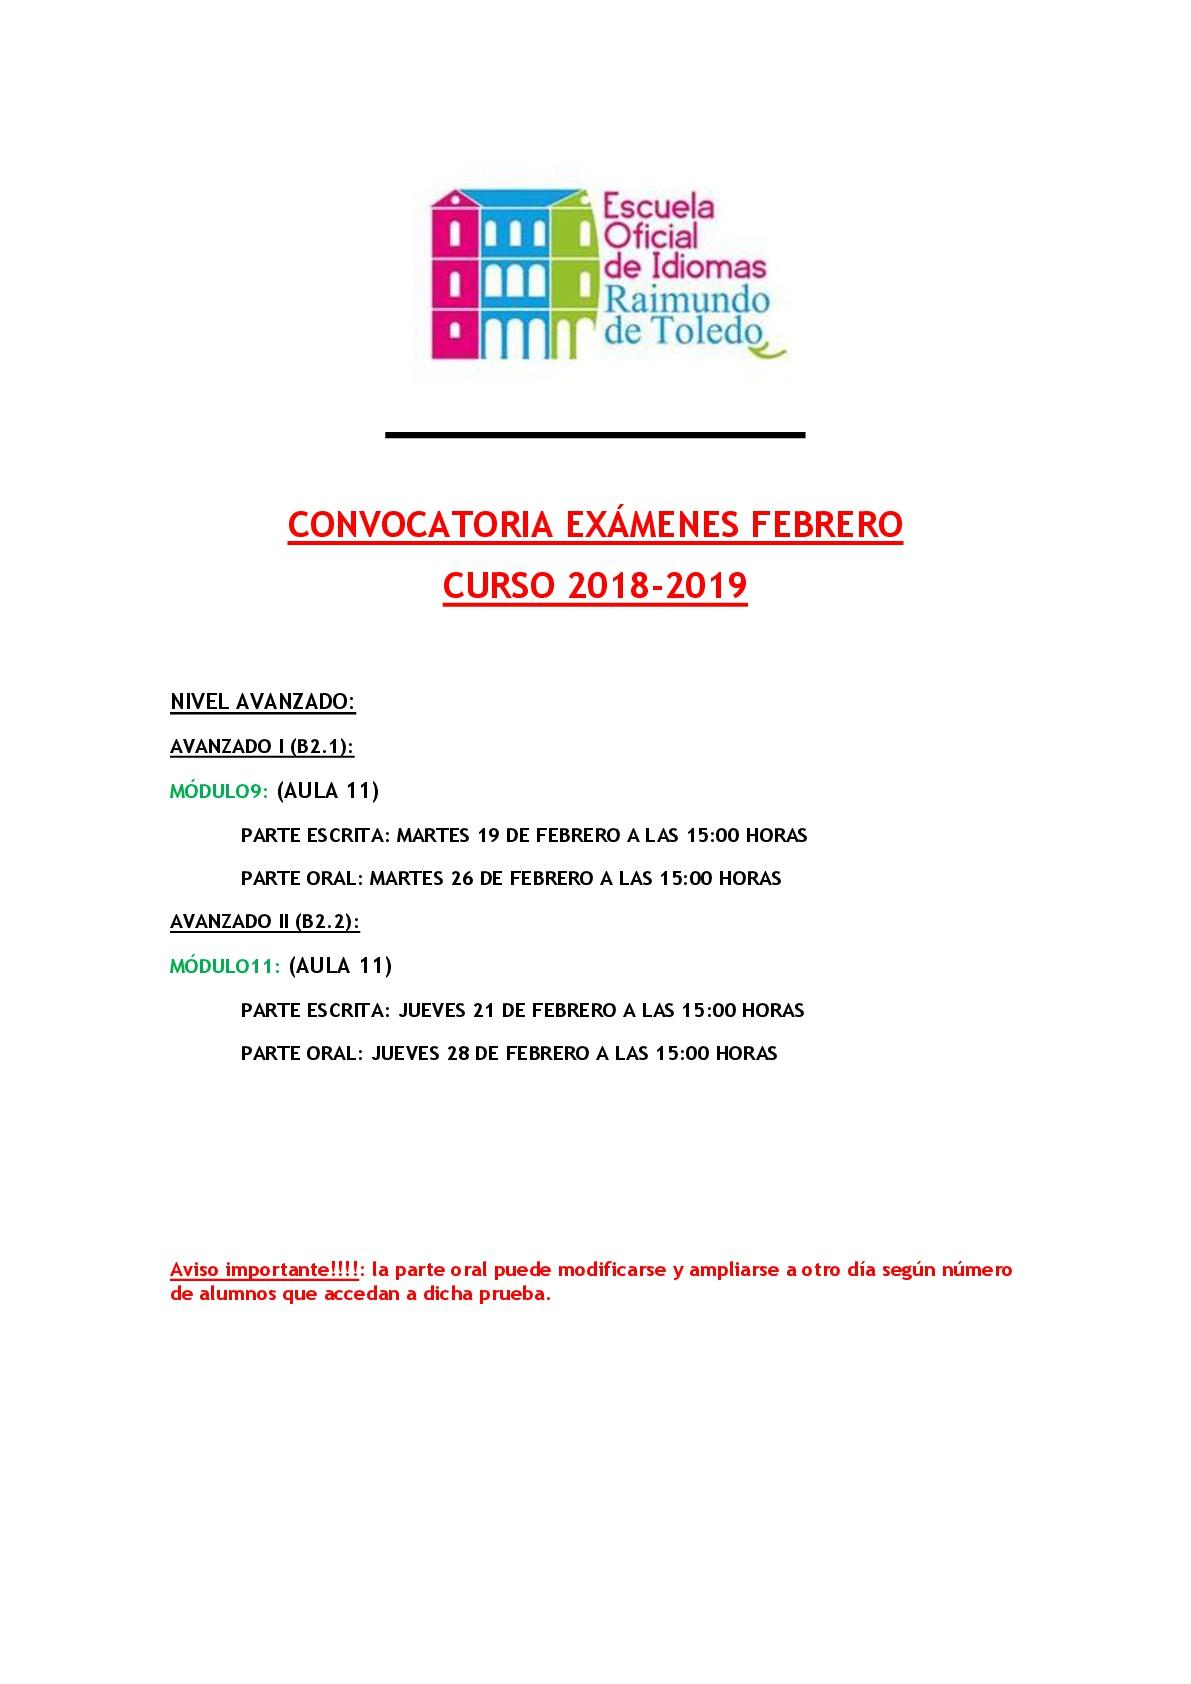 CONVOCATORIA FEBRERO2019 002 - Exámenes That's English! Febrero 2019